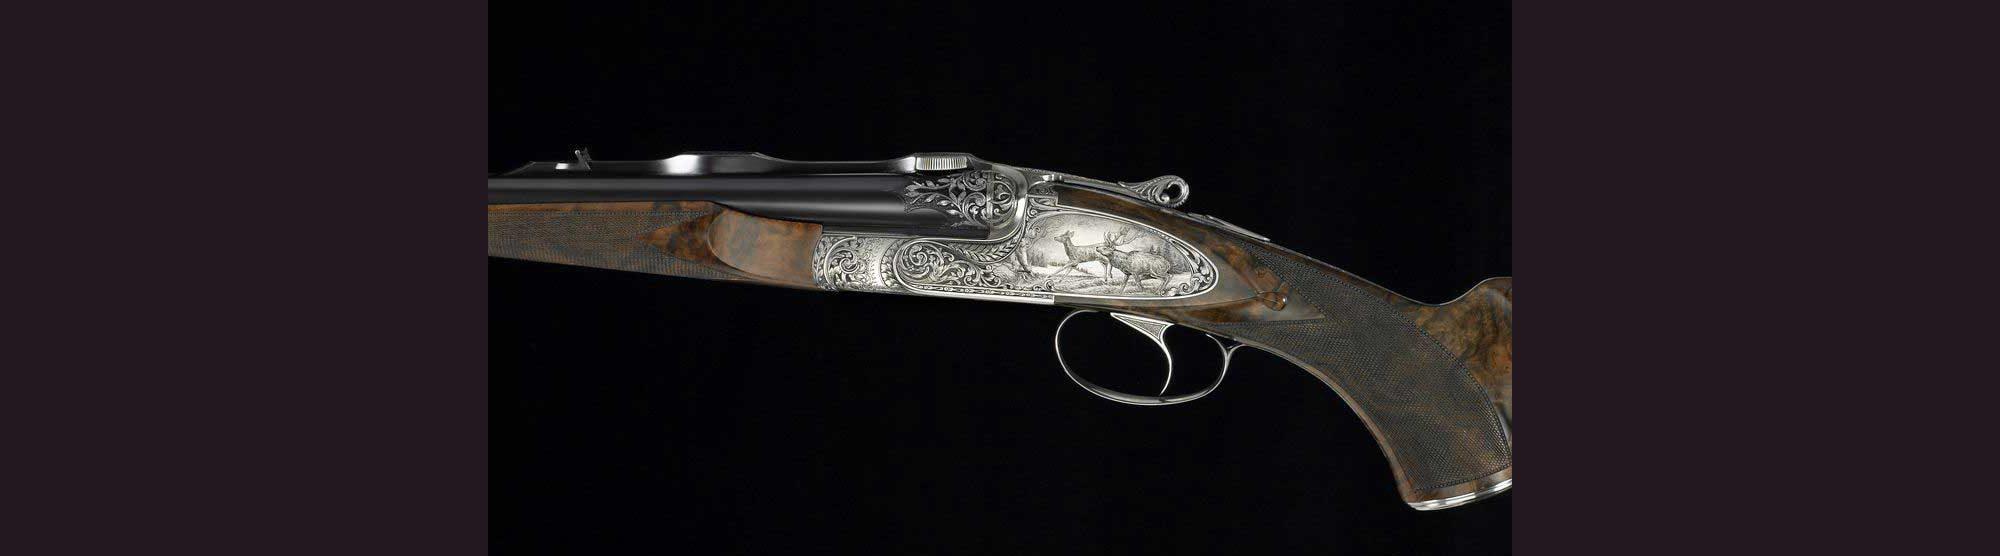 Fusil de chasse Modèle Exception, Armes Pierre Artisan